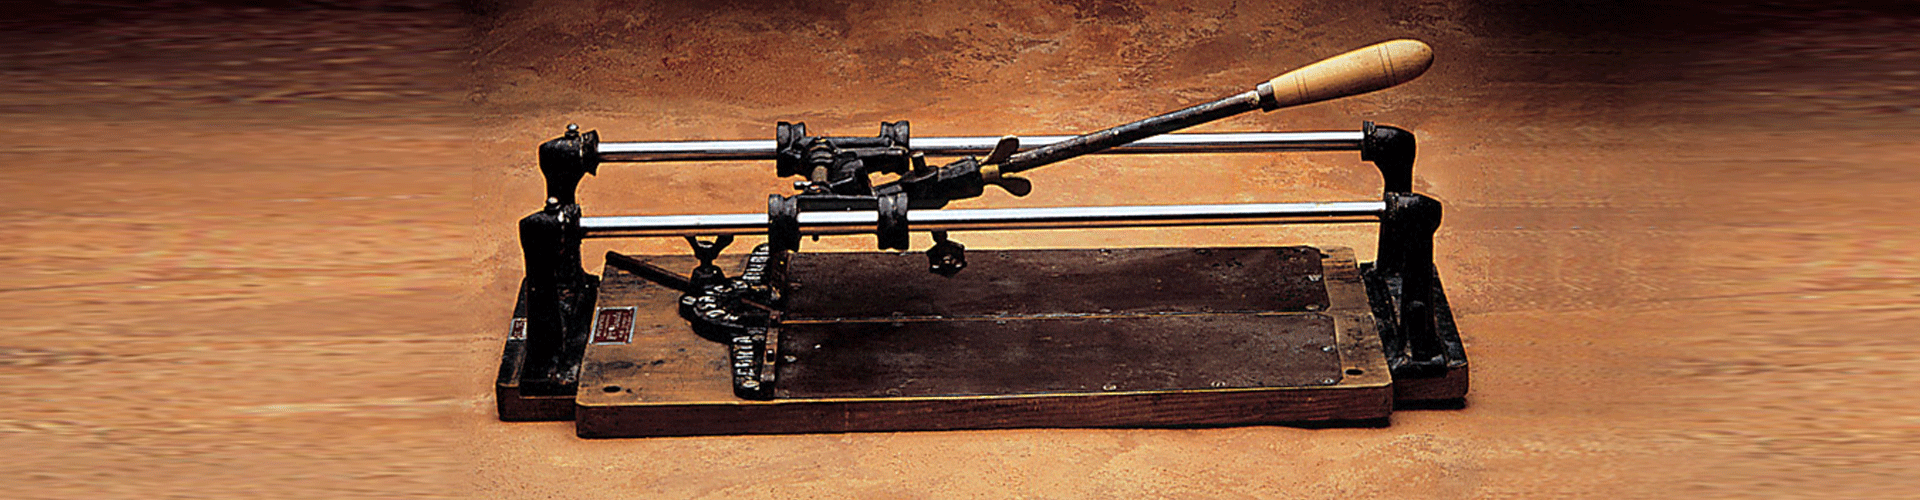 RUBI is de uitvinder van de eerste tegelsnijder voor het snijden en breken van mozaïek en tegels, en nu het wereldmerk in de tegelmarkt en bestaat dit jaar 70 jaar.